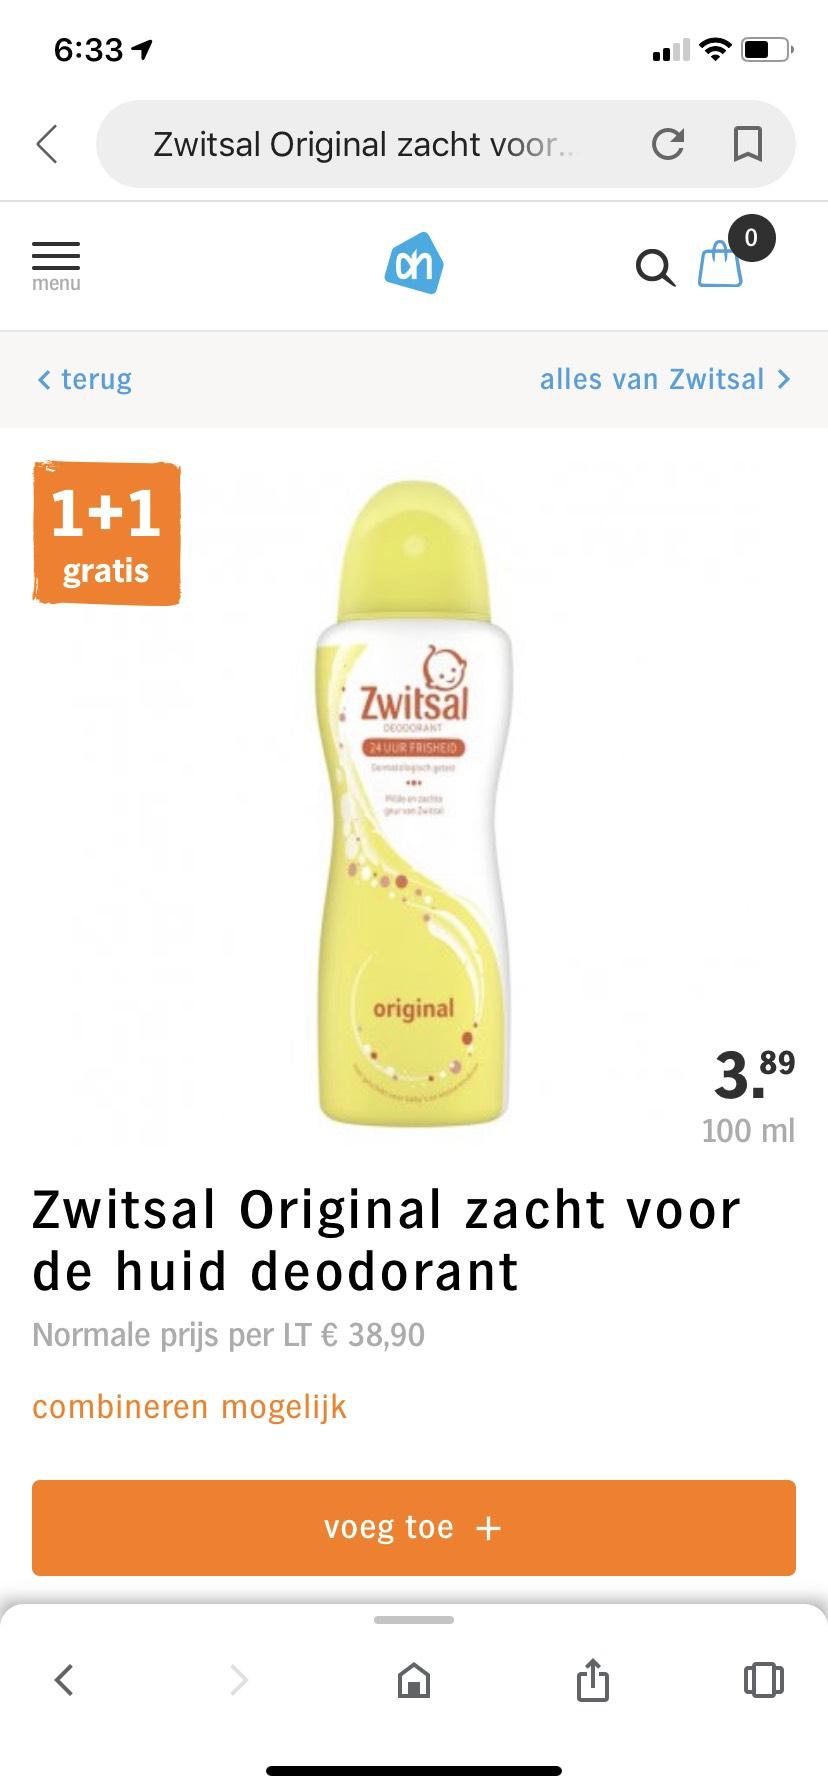 1 + 1 gratis Zwitsal deodorant @AH